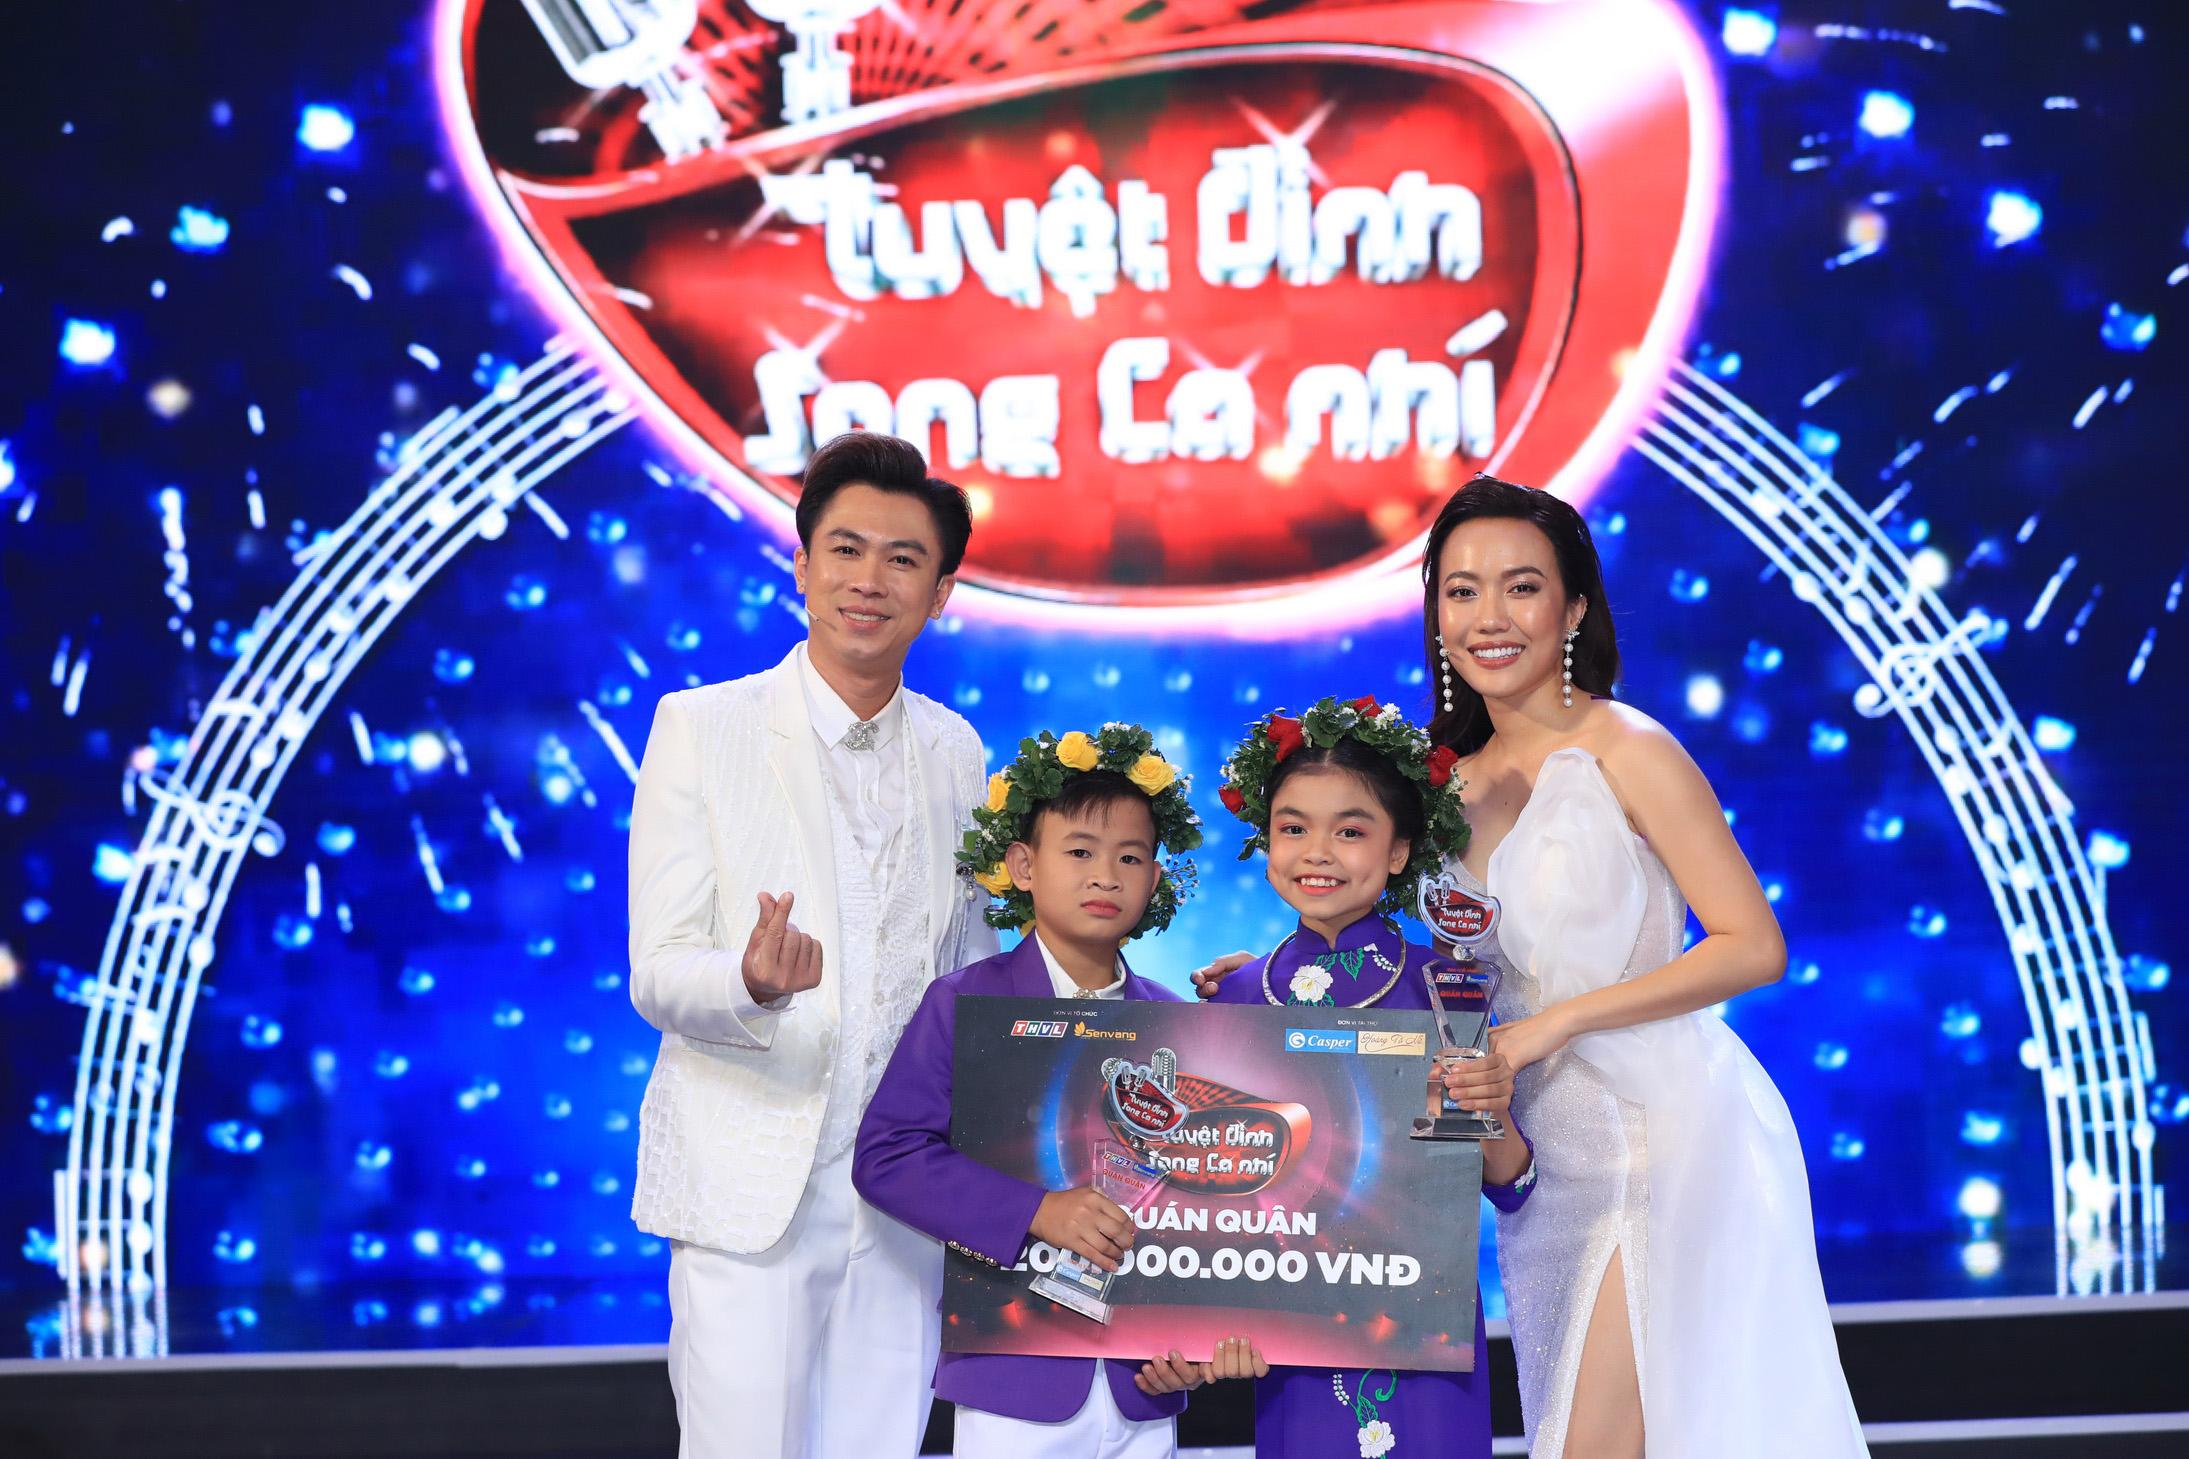 """Bị chê """"ca sĩ hội chợ"""" khi làm HLV, Hồ Việt Trung bất ngờ giúp học trò đăng quang - 1"""